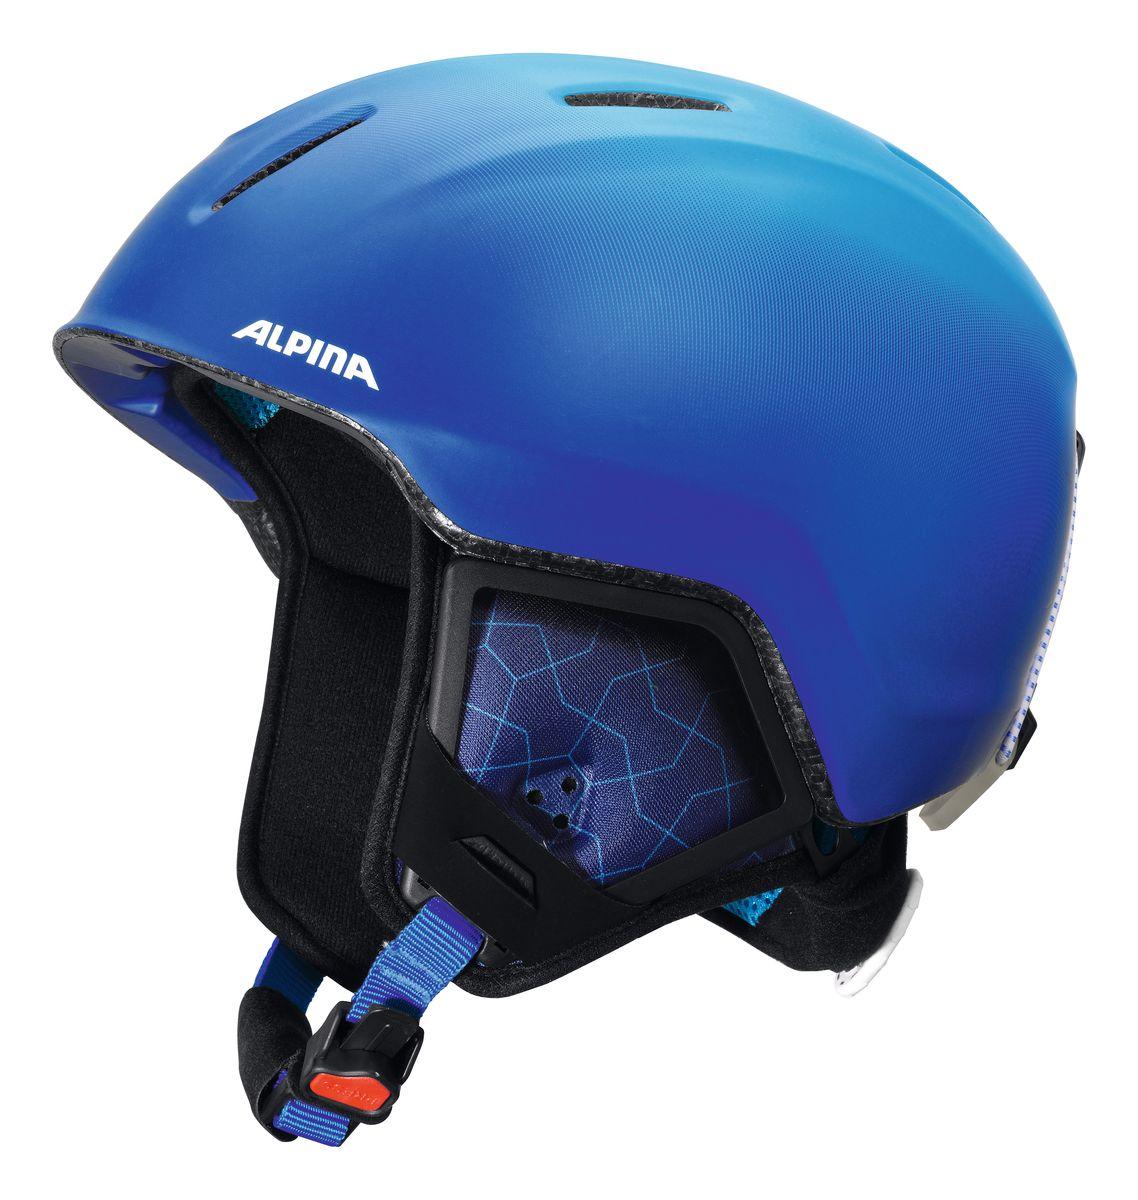 Шлем зимний Alpina Carat Xt, цвет: синий. Размер 48-52. 9080_819080_81Особенности: • Вентиляционные отверстия препятствуют перегреву и позволяют поддерживать идеальную температуру внутри шлема. Для этого инженеры Alpina используют эффект Вентури, чтобы сделать циркуляцию воздуха постоянной и максимально эффективной. • Внутренник шлема легко вынимается, стирается, сушится и вставляется обратно. • Из задней части шлема можно достать шейный утеплитель из мякого микро-флиса. Этот теплый воротник также защищает шею от ударов на высокой скорости и при сибирских морозах. В удобной конструкции отсутствуют точки давления на шею. • Прочная и лёгкая конструкция In-mold Inmould - технология, при которой внутренняя оболочка из EPS (вспененного полистирола) покрыта поликарбонатом. Внешняя тонкая жесткая оболочка призвана распределить энергию от удара по всей площади шлема, защитить внутреннюю часть от проникновения острых осколков и сохранить ее форму. Внутренняя толстая мягкая оболочка демпфирует ударную энергию, предохраняя головной мозг от ударов. Такой шлем...